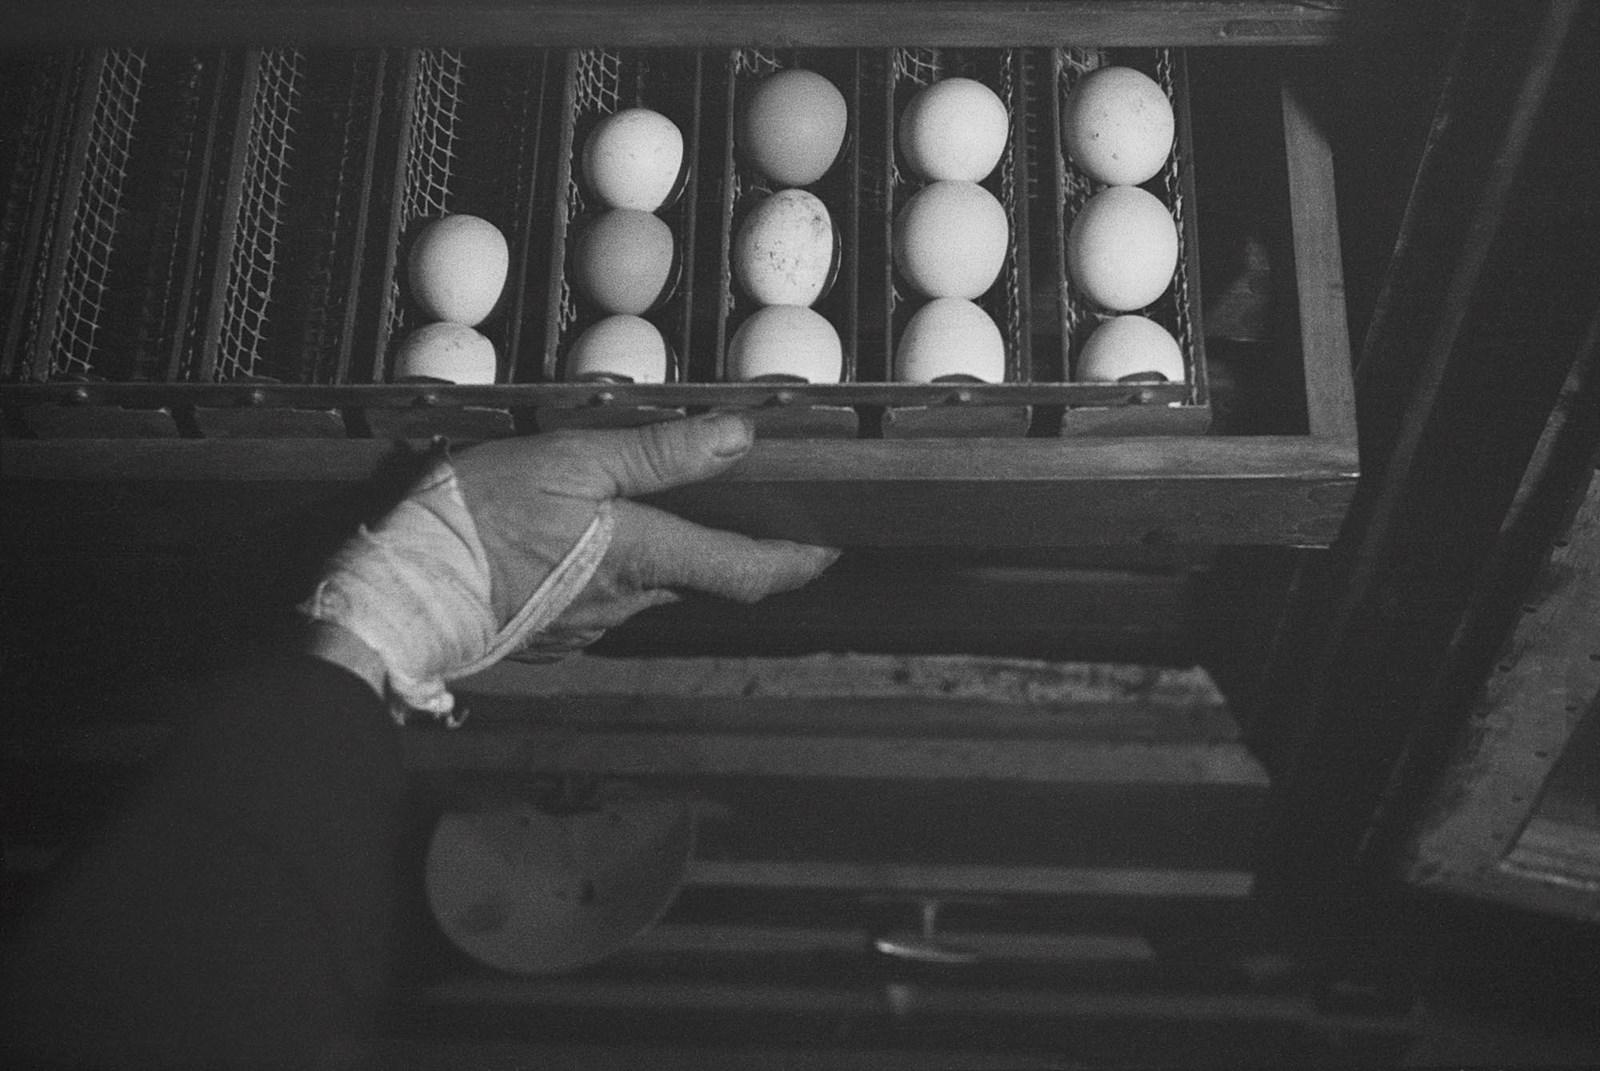 1938. Свежие яйца на учебной ферме в лагере для немецкой еврейской молодежи, ожидающей разрешения на эмиграцию. Бранденбург, Германия